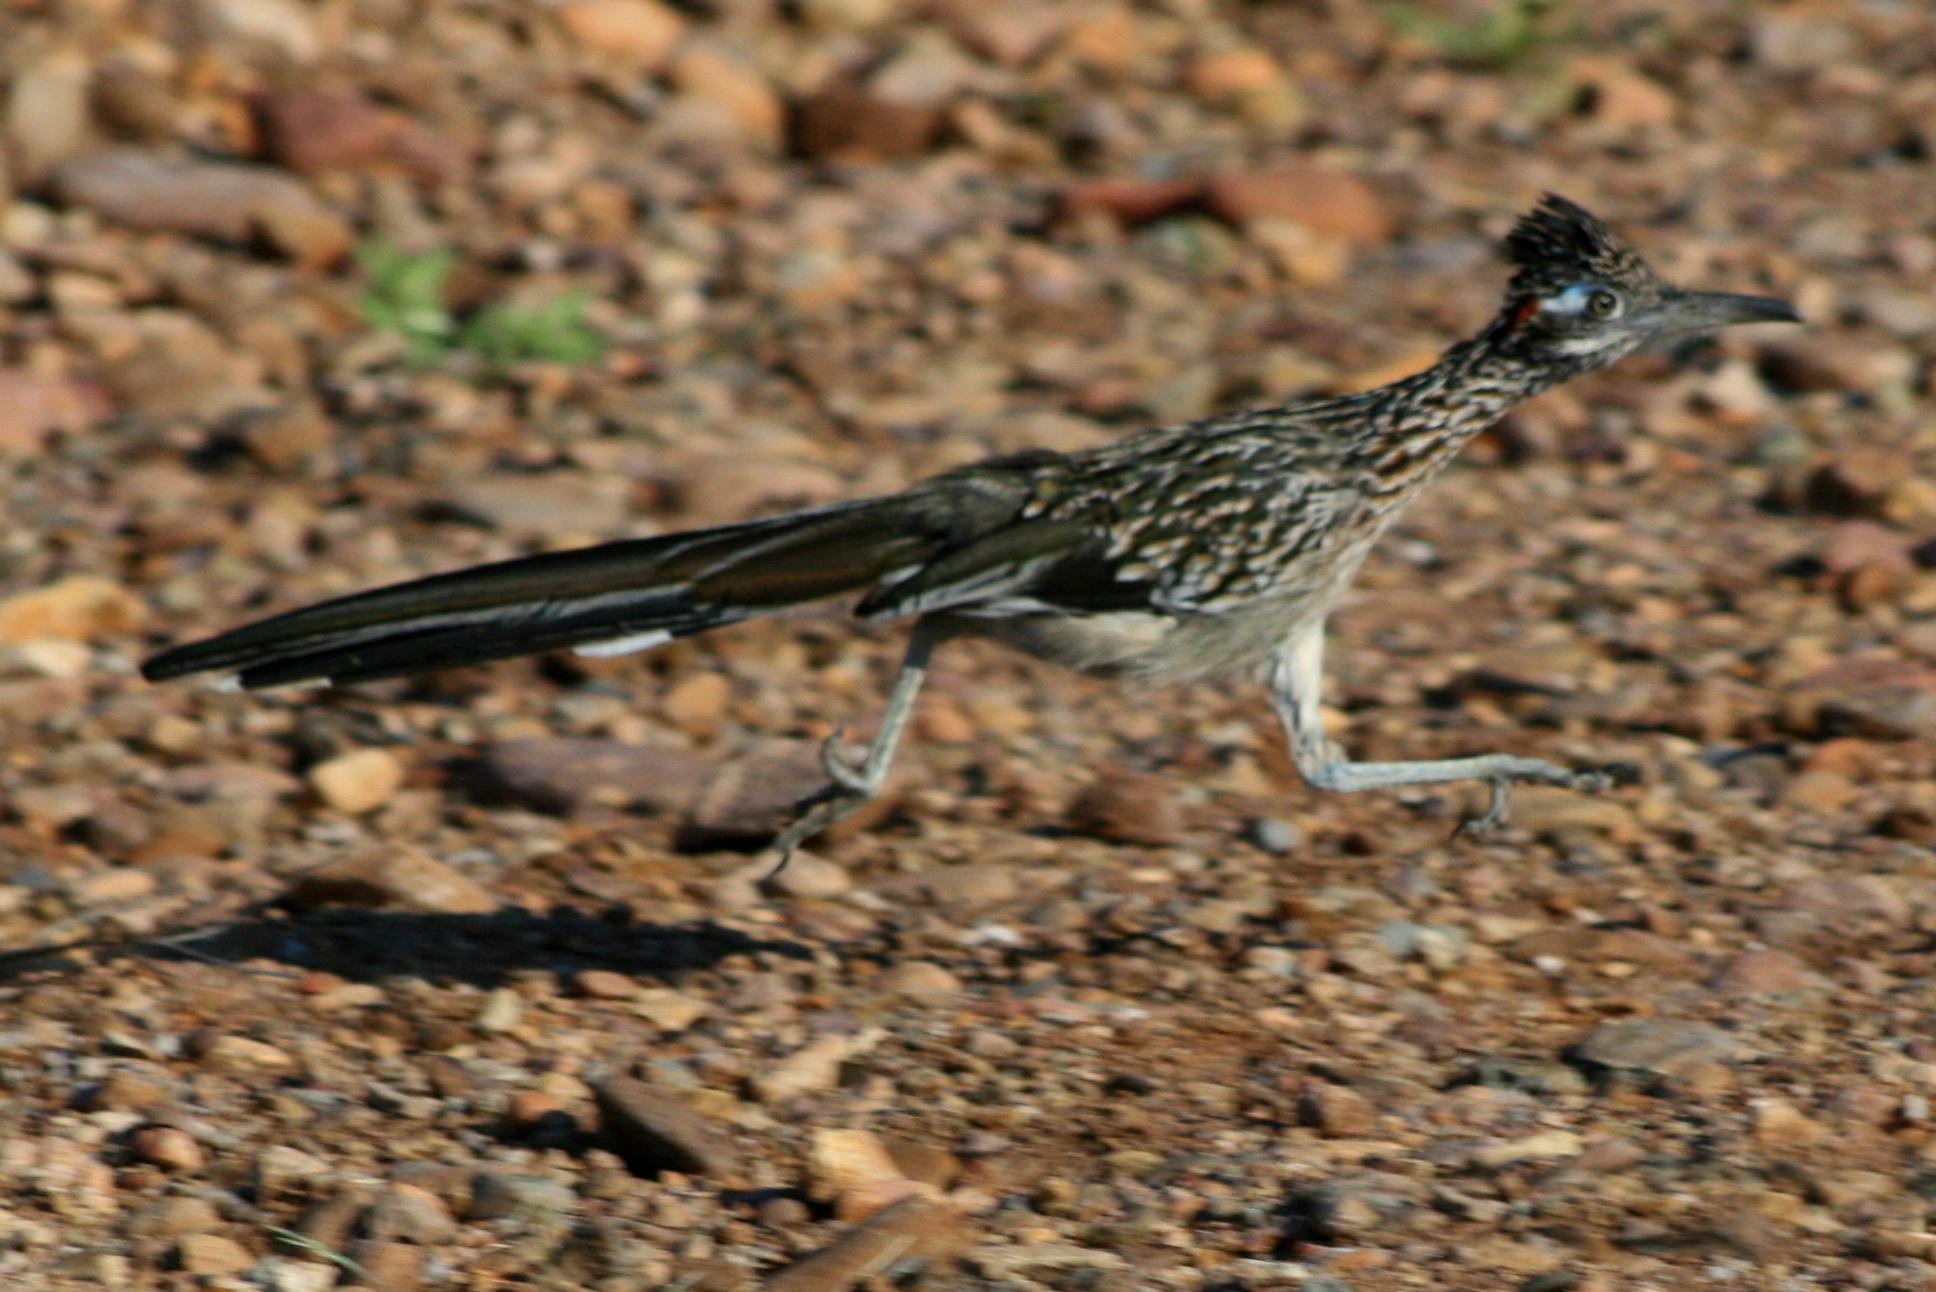 File:Roadrunner running.jpg - Wikipedia